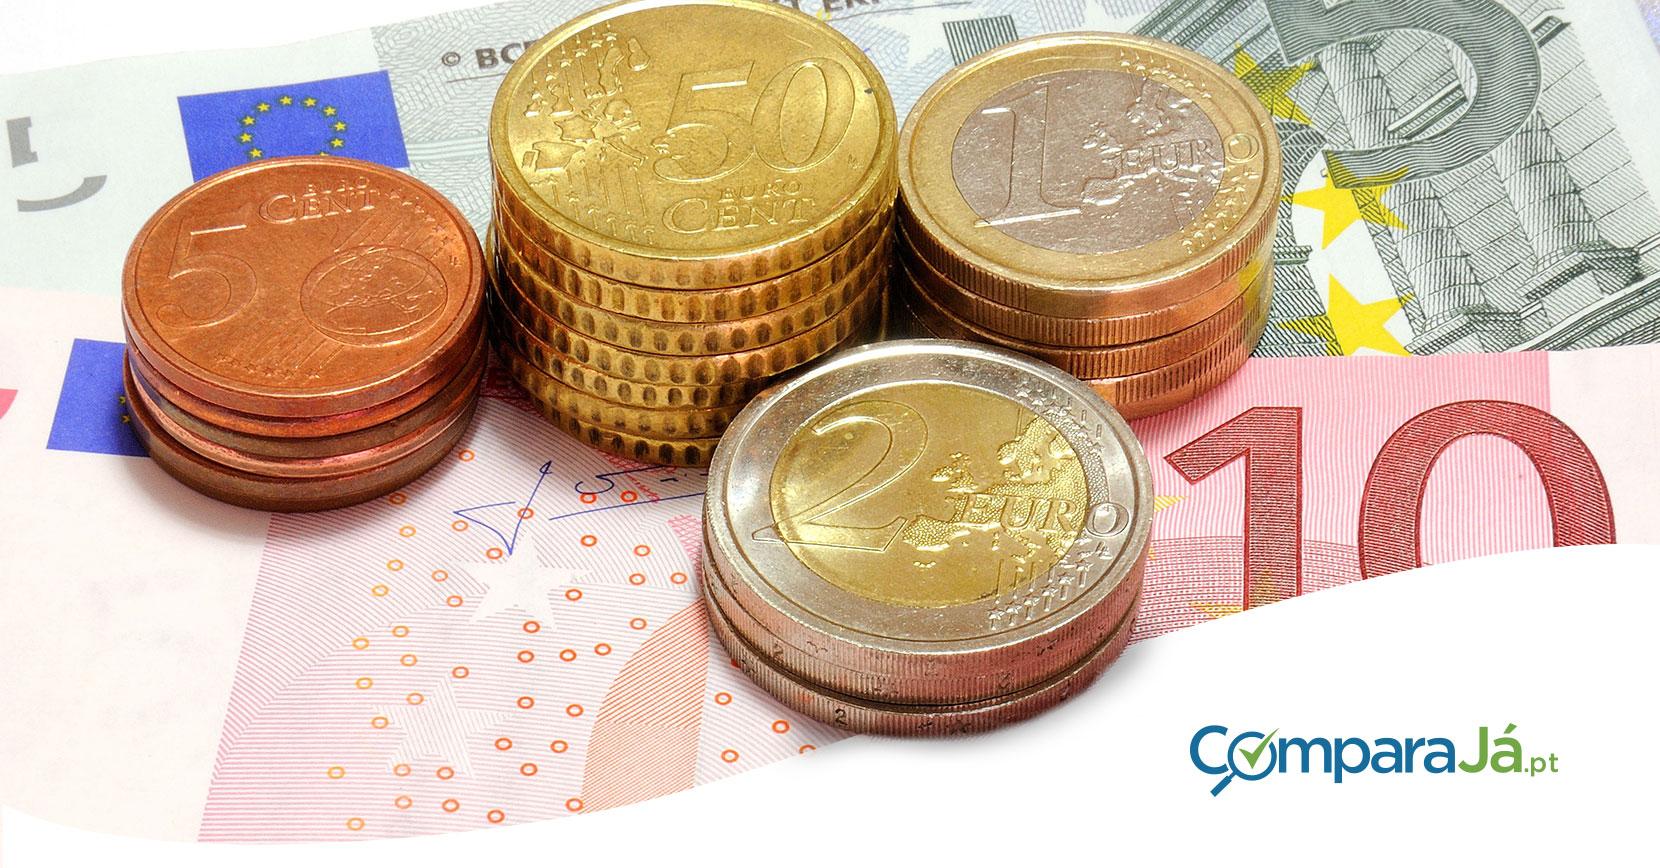 Literacia Financeira: Como Estão os Portugueses?